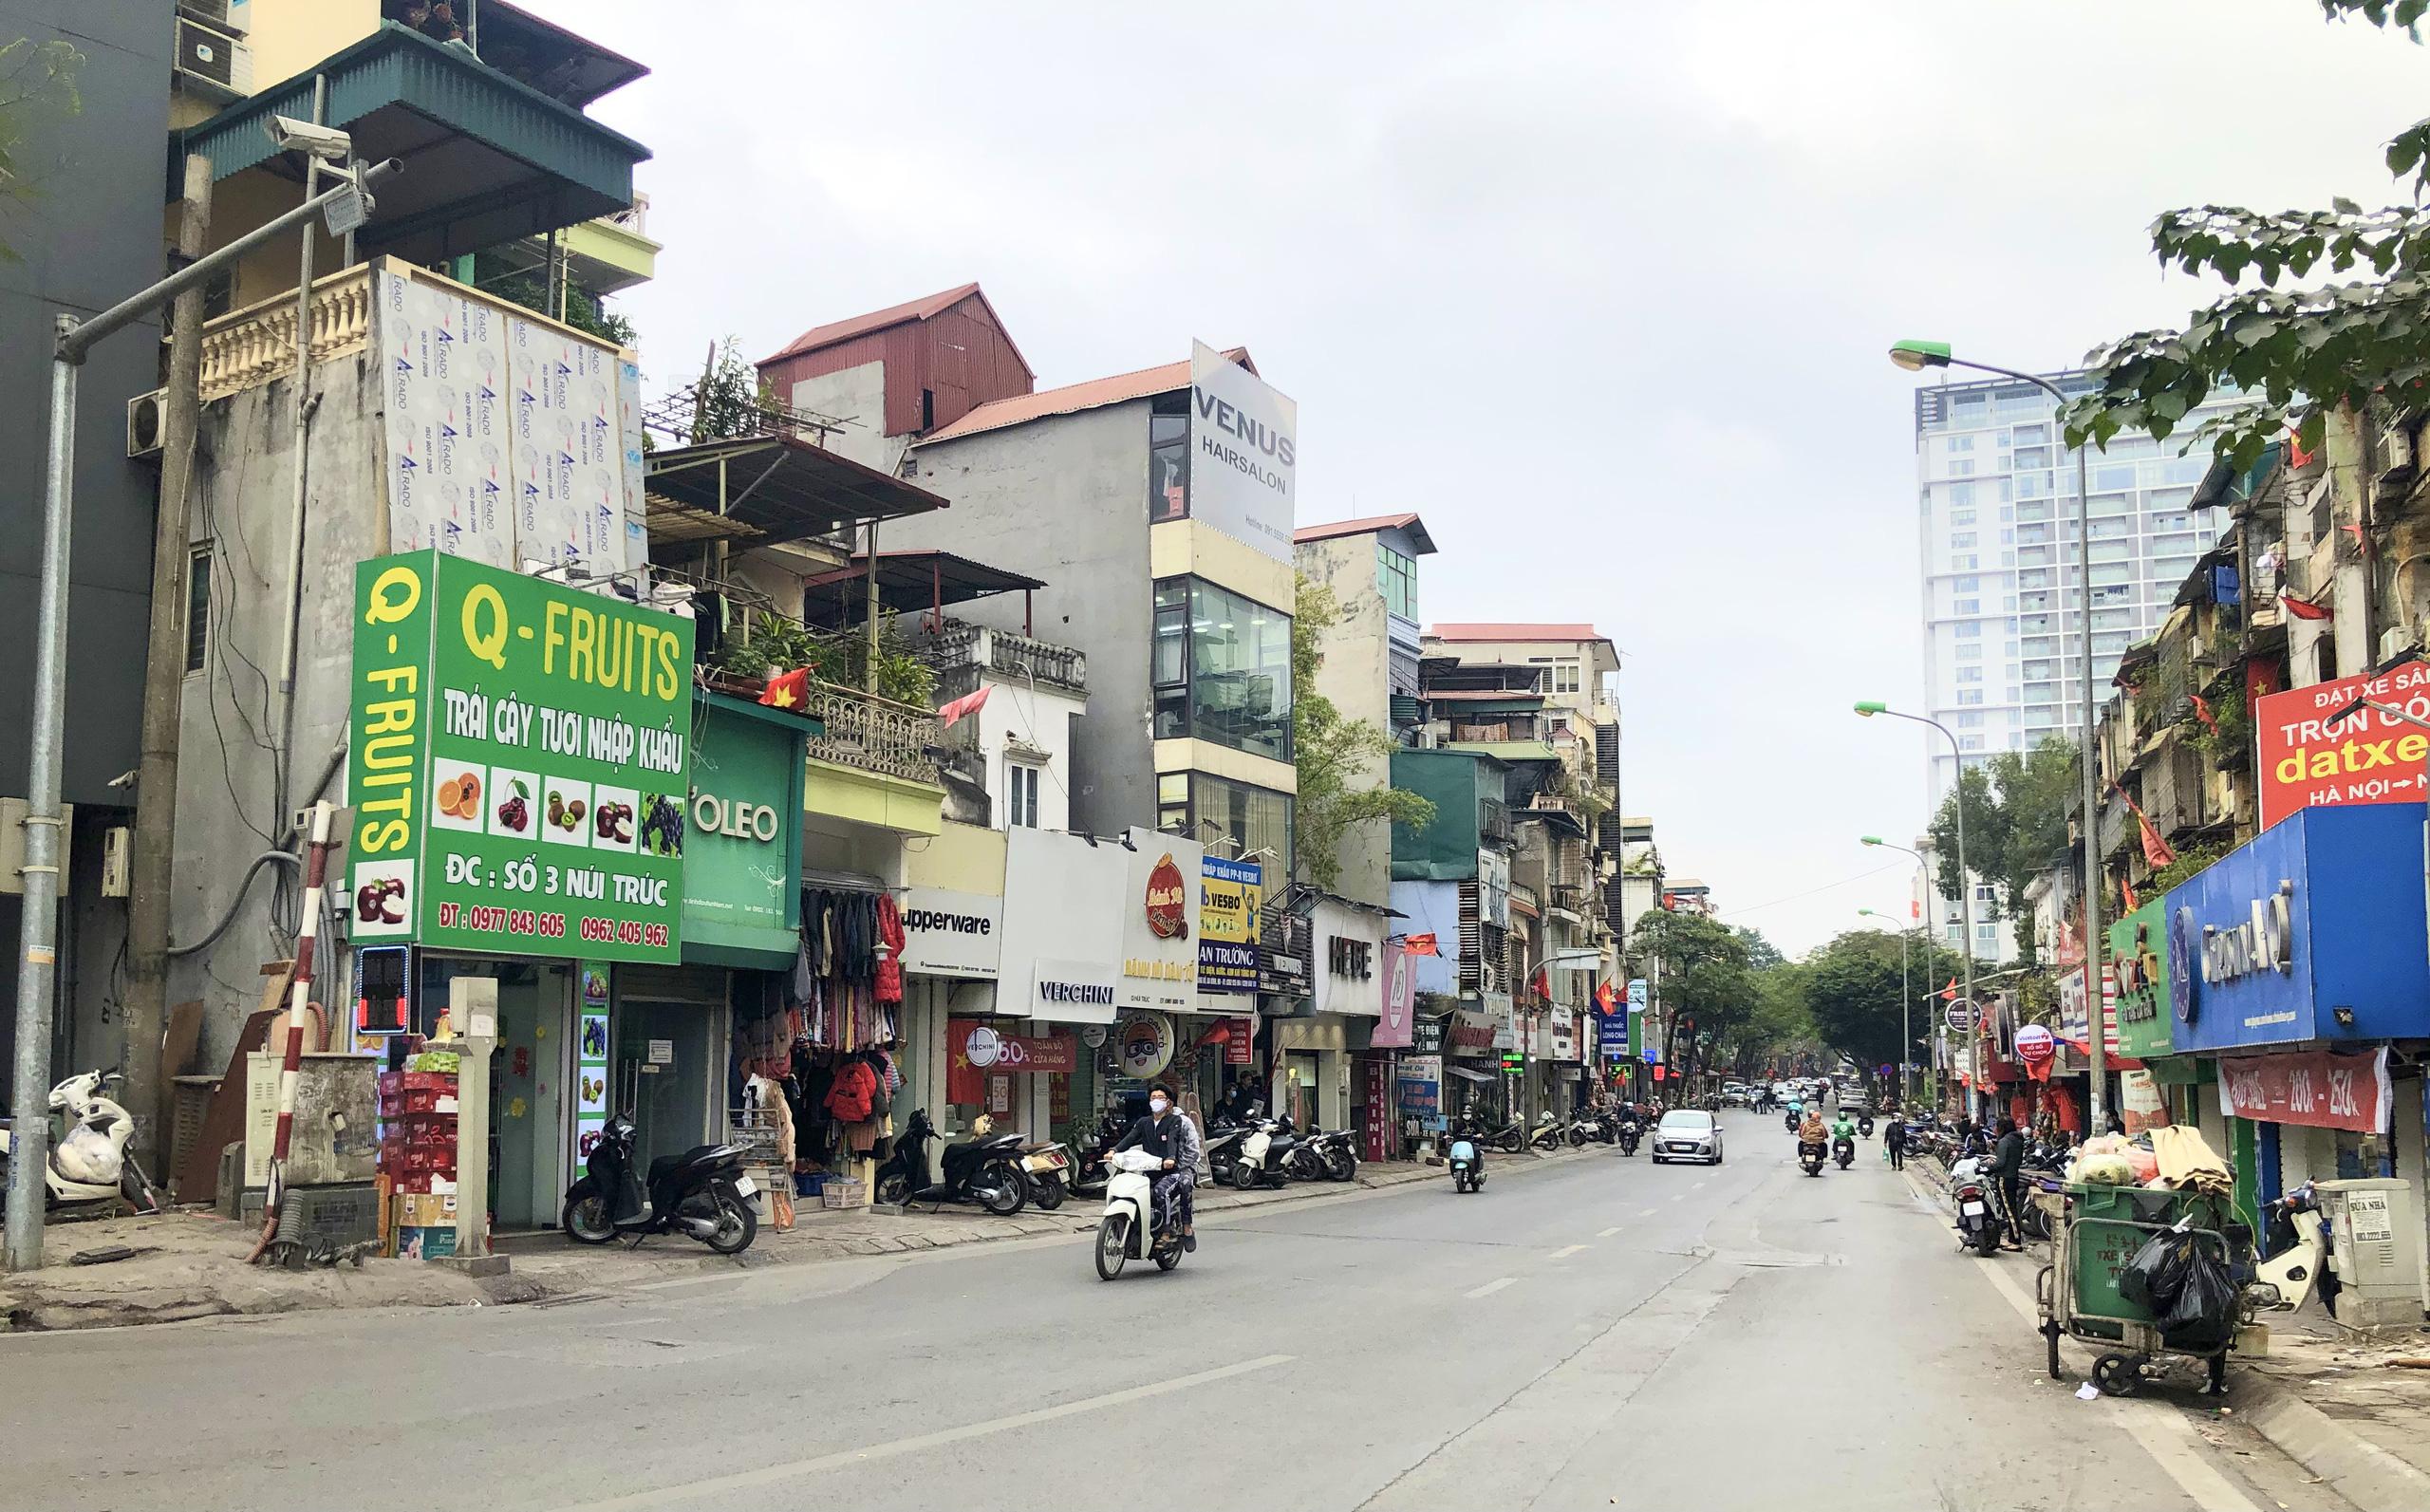 Đường sắp mở theo quy hoạch ở phường Kim Mã, Ba Đình, Hà Nội (phần 2): Mở rộng phố Núi Trúc  - Ảnh 3.